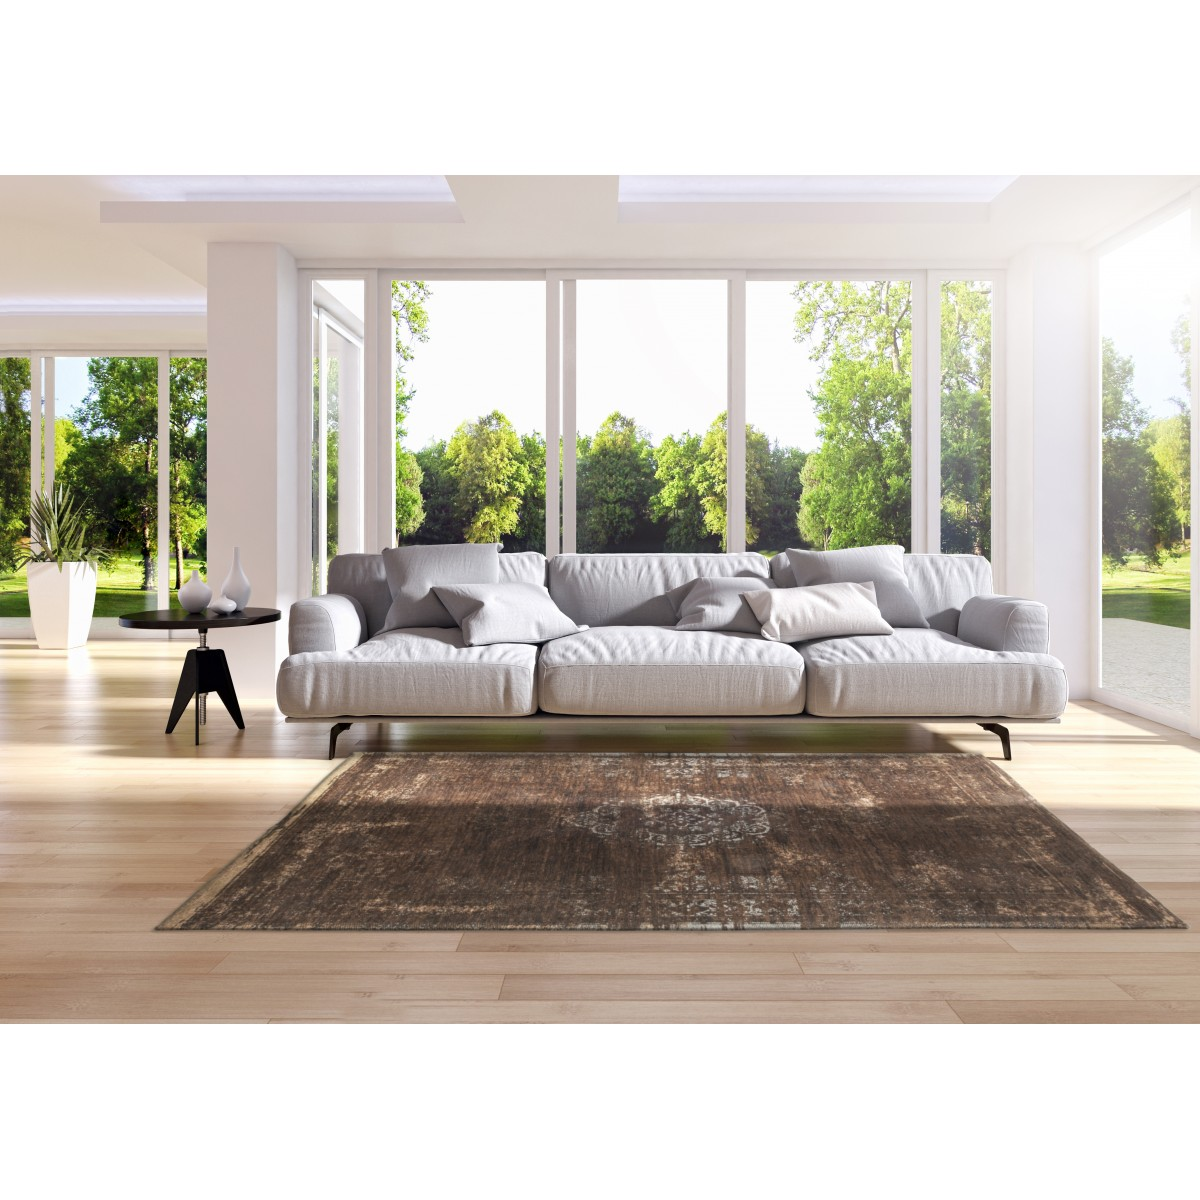 sk nne gulvt pper i vintage style k b dem online hos brandi living. Black Bedroom Furniture Sets. Home Design Ideas